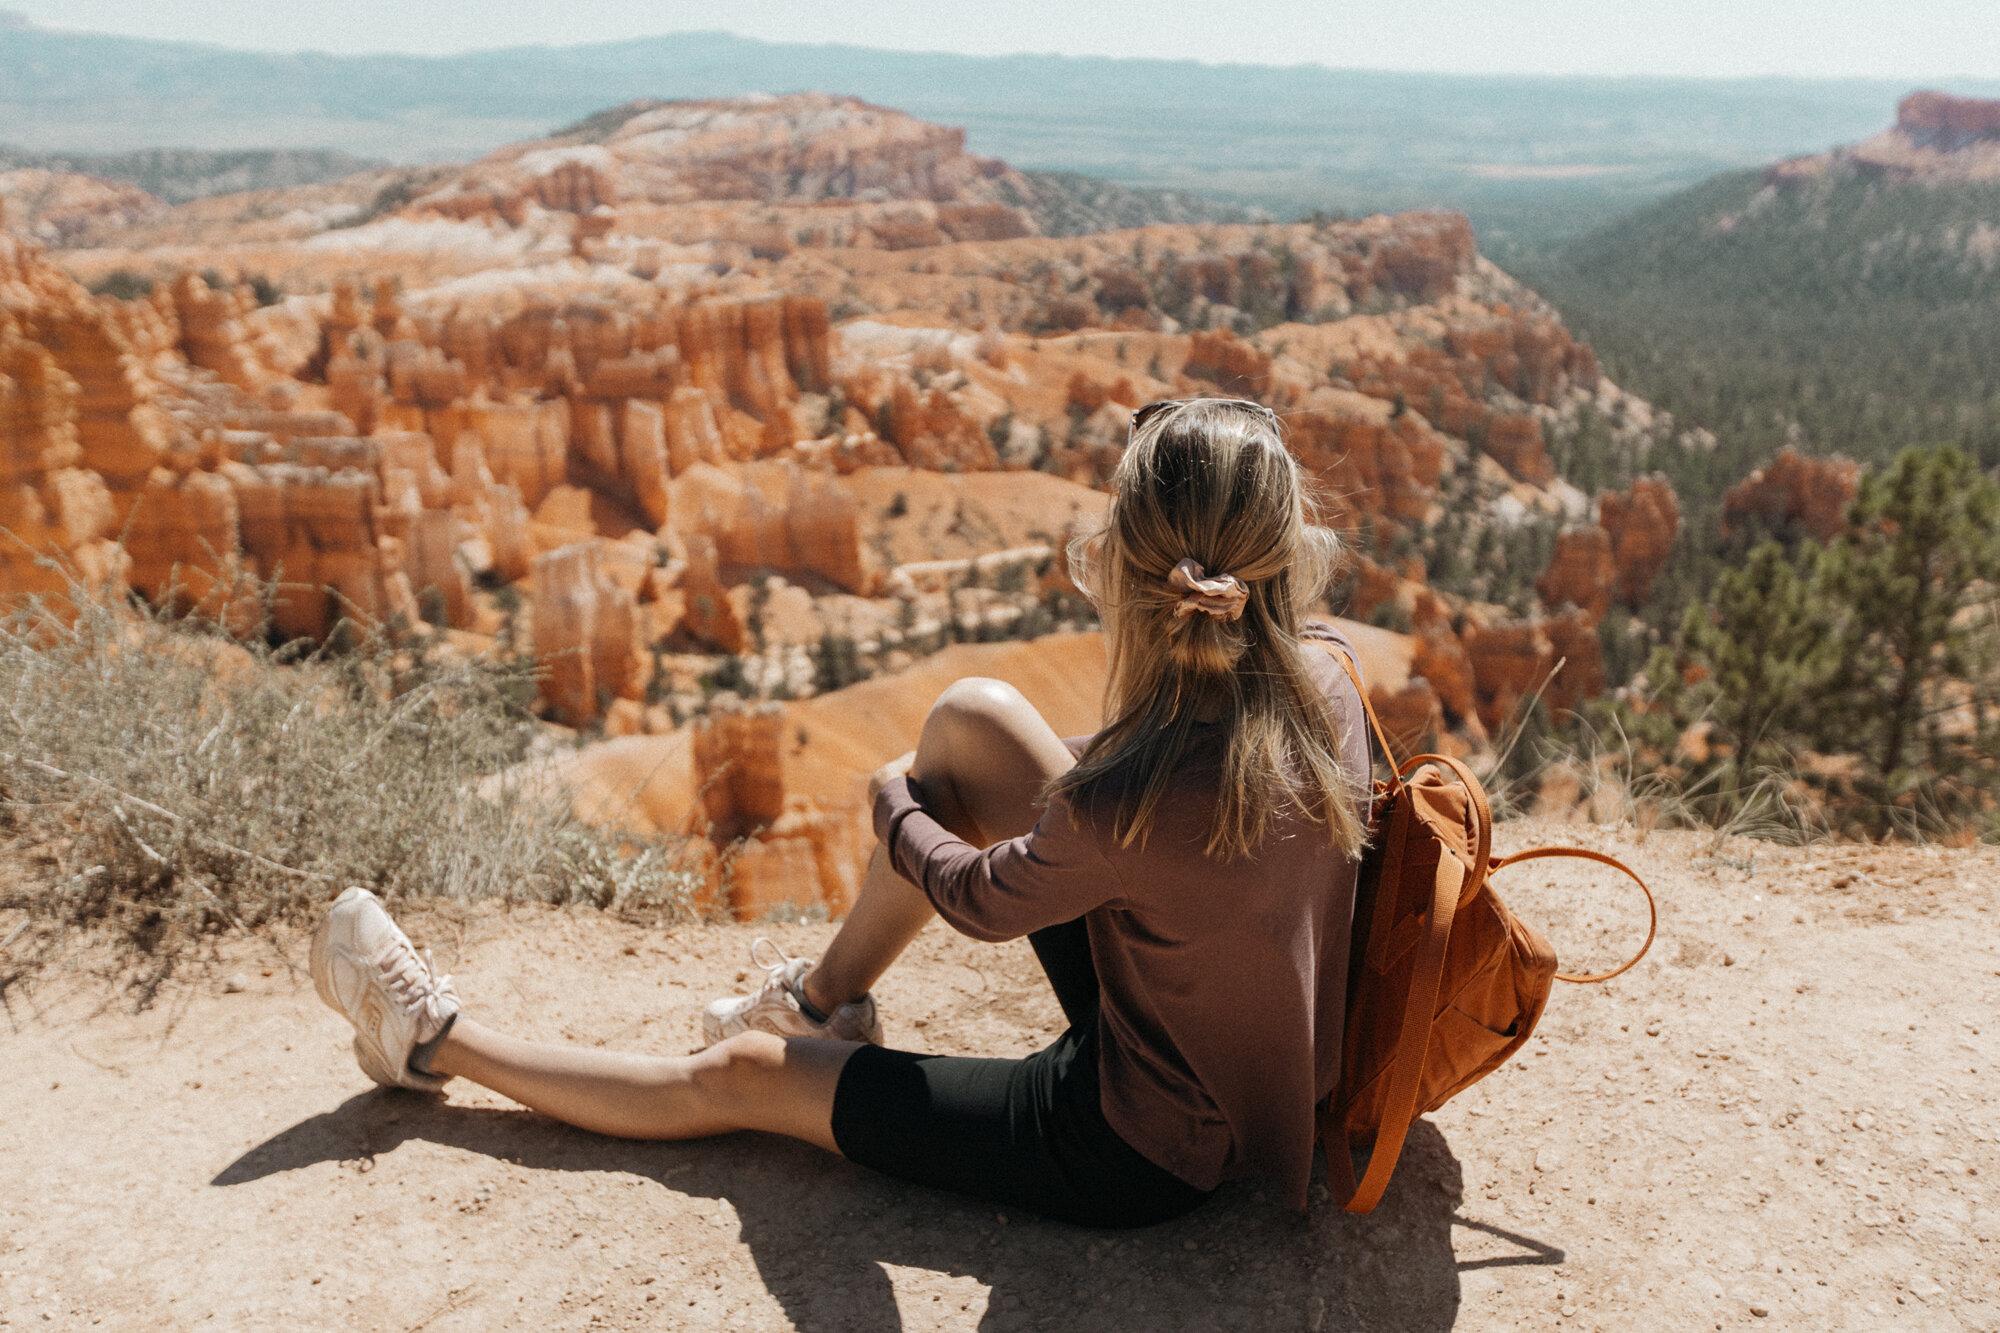 emilyrhess-utah-travel-guide-blog-explore (62).jpg